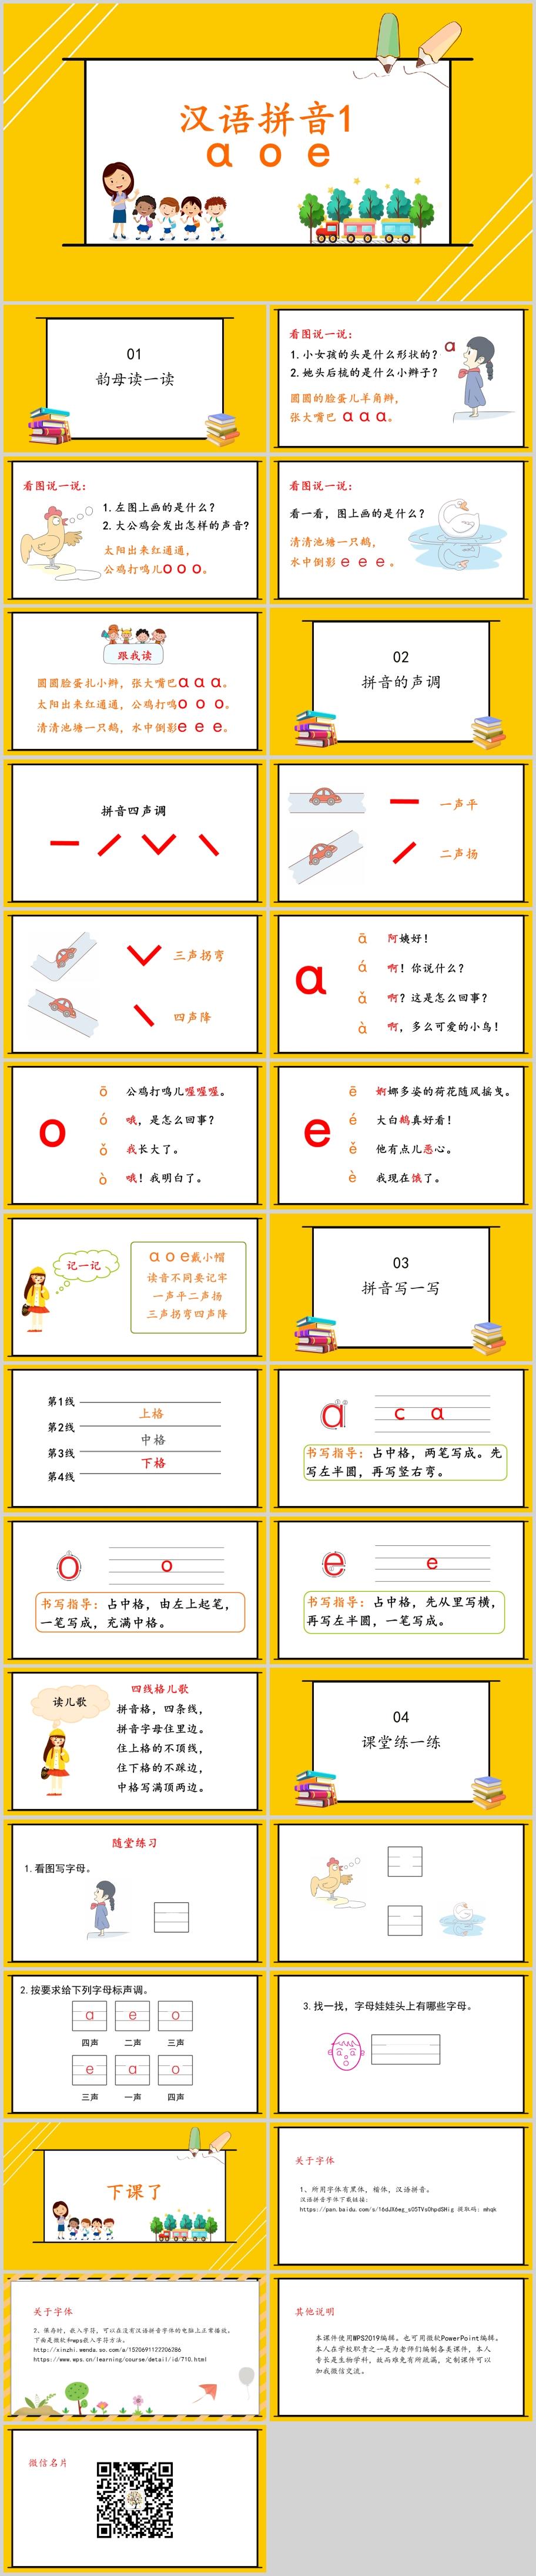 汉语拼音1okALL.jpg